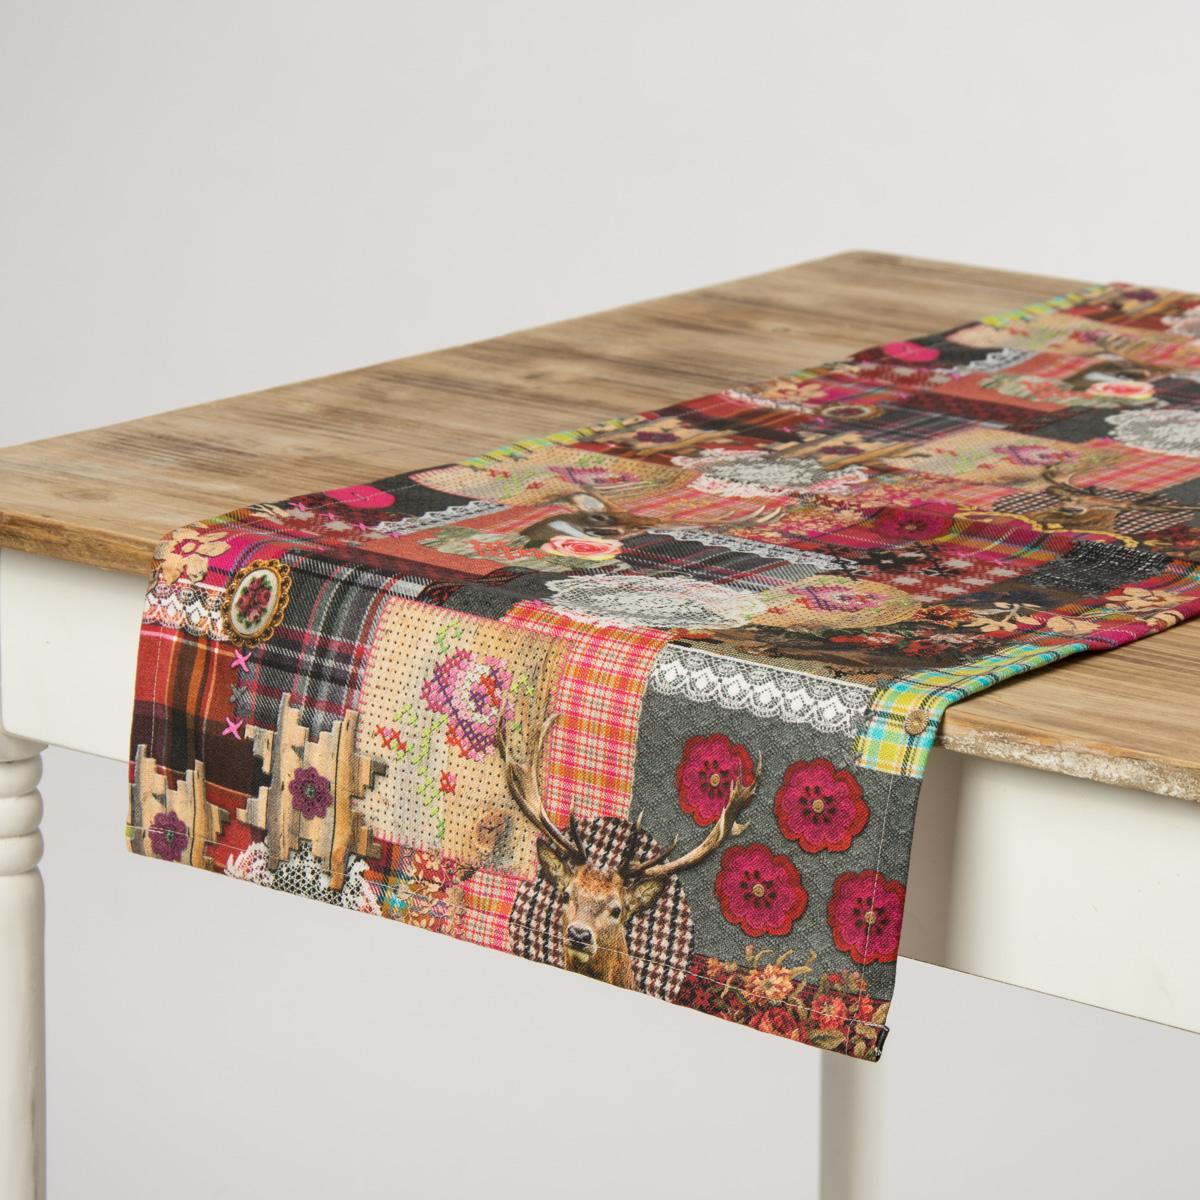 sch ner leben tischl ufer digitaldruck patchwork hirsch 40x160cm wohntextilien tischw sche. Black Bedroom Furniture Sets. Home Design Ideas